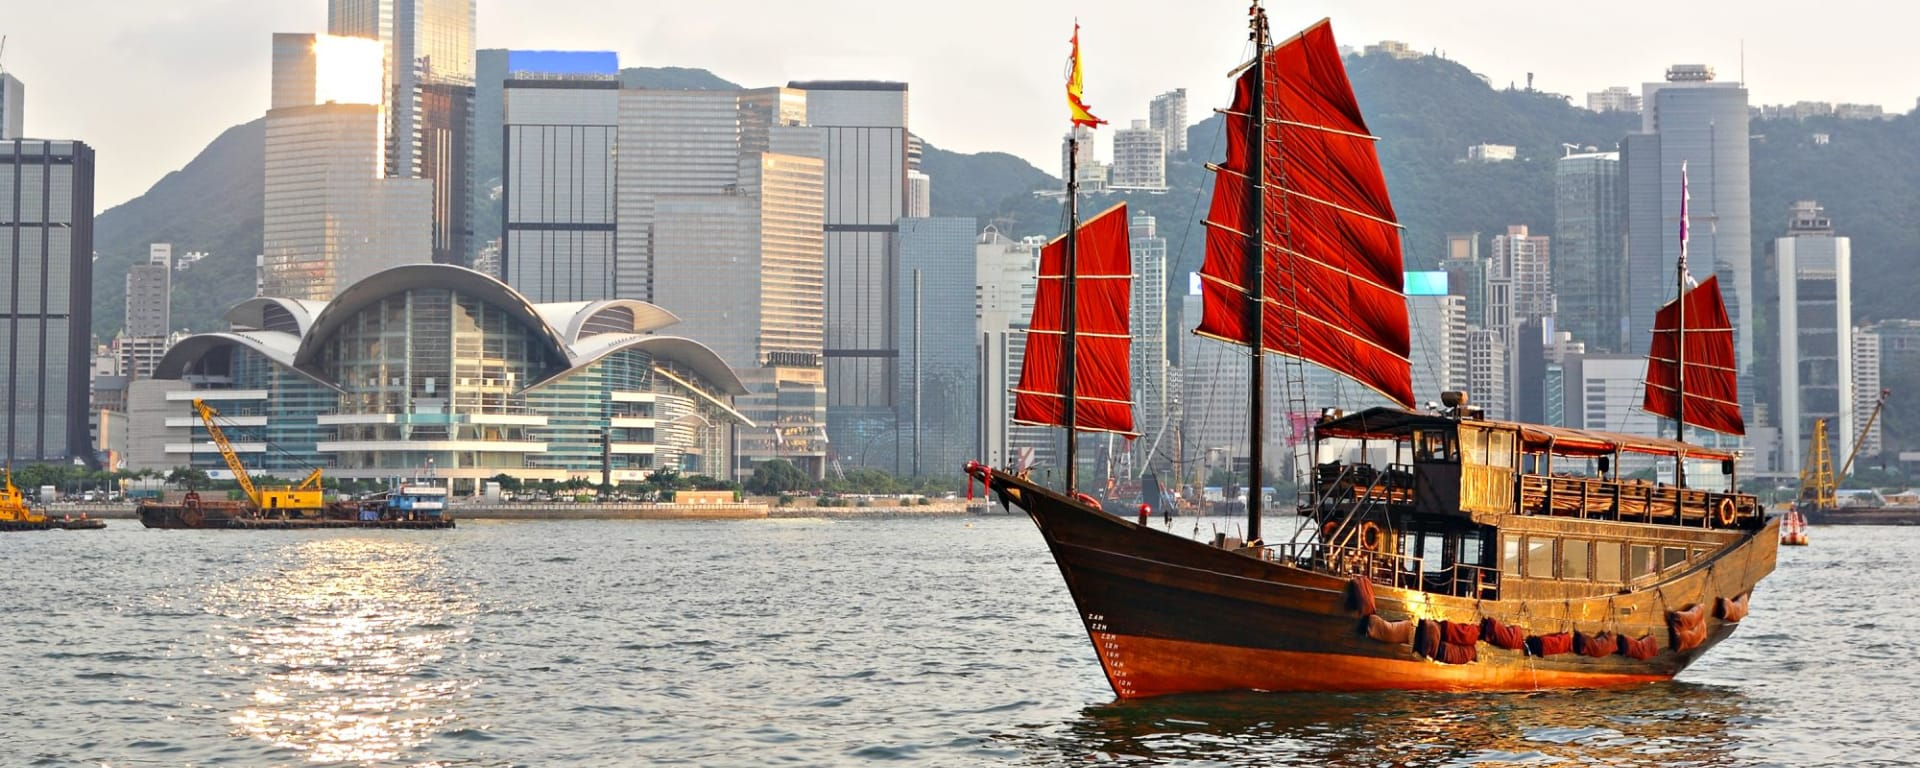 Wissenswertes zu Hong Kong Reisen und Ferien: Hong Kong harbour with tourist junk